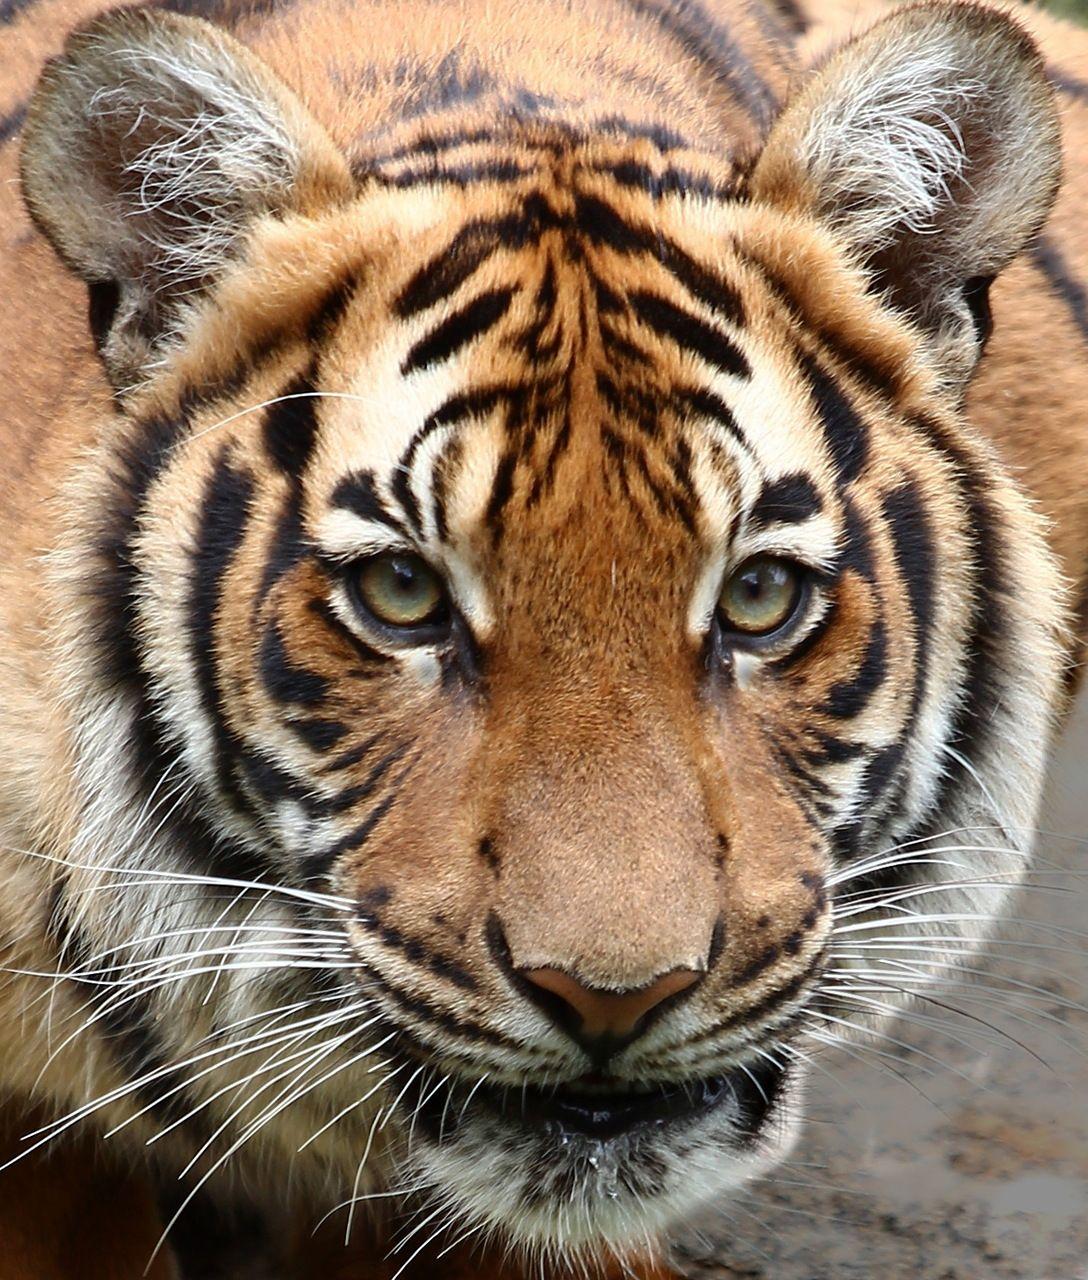 Magical Nature Tour Nature tour, Wild cats, Tiger